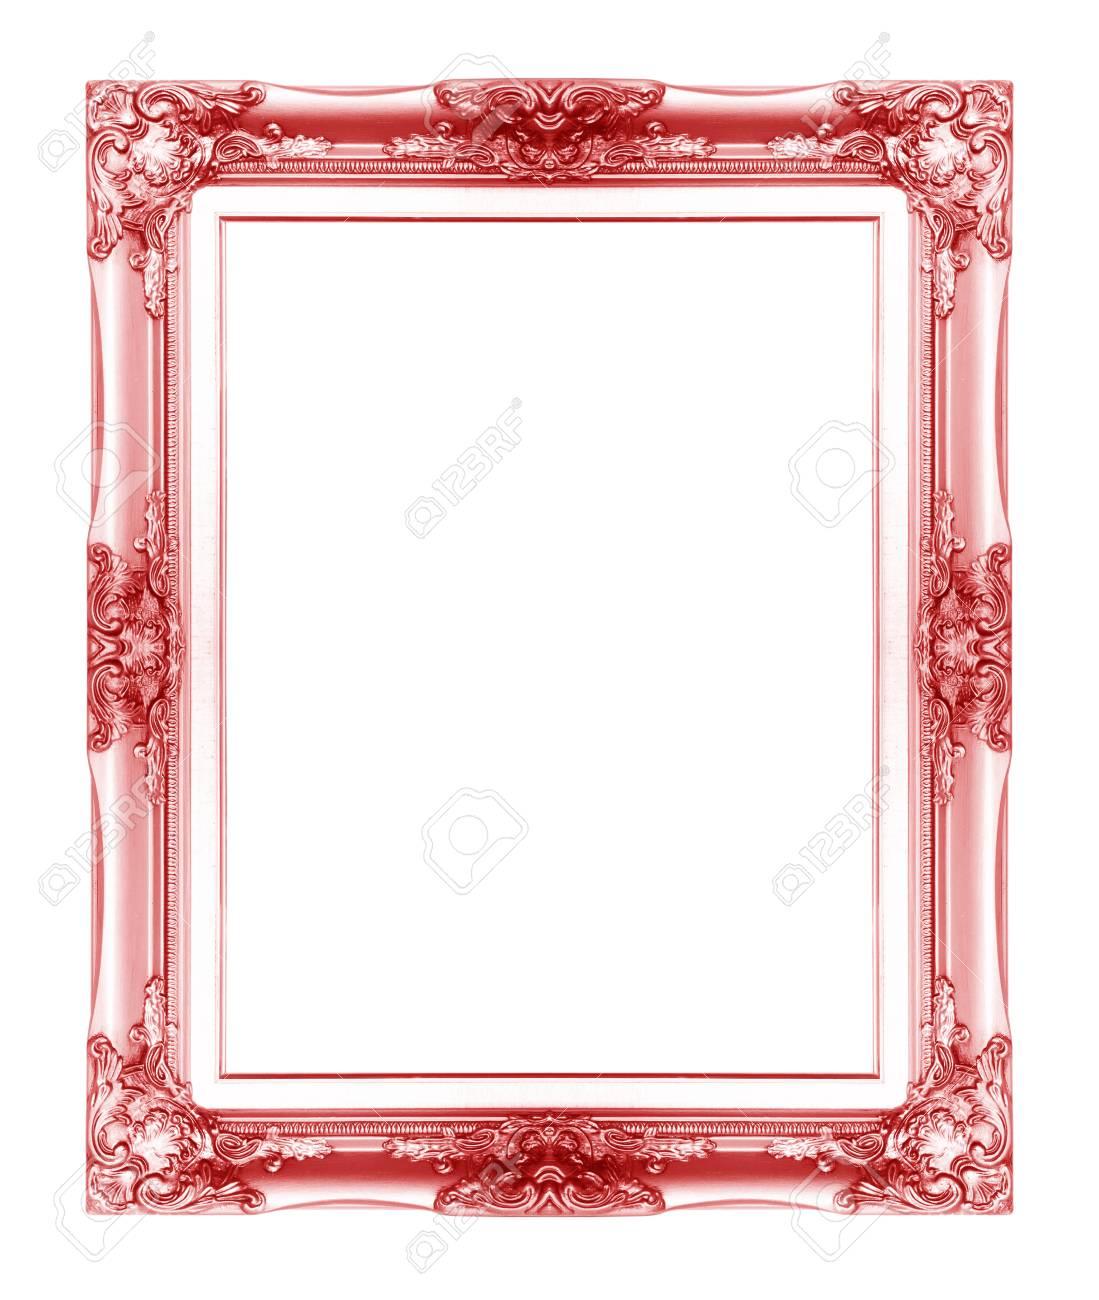 Red Antiken Vintage Bilderrahmen. Isoliert Auf Weißem Hintergrund ...